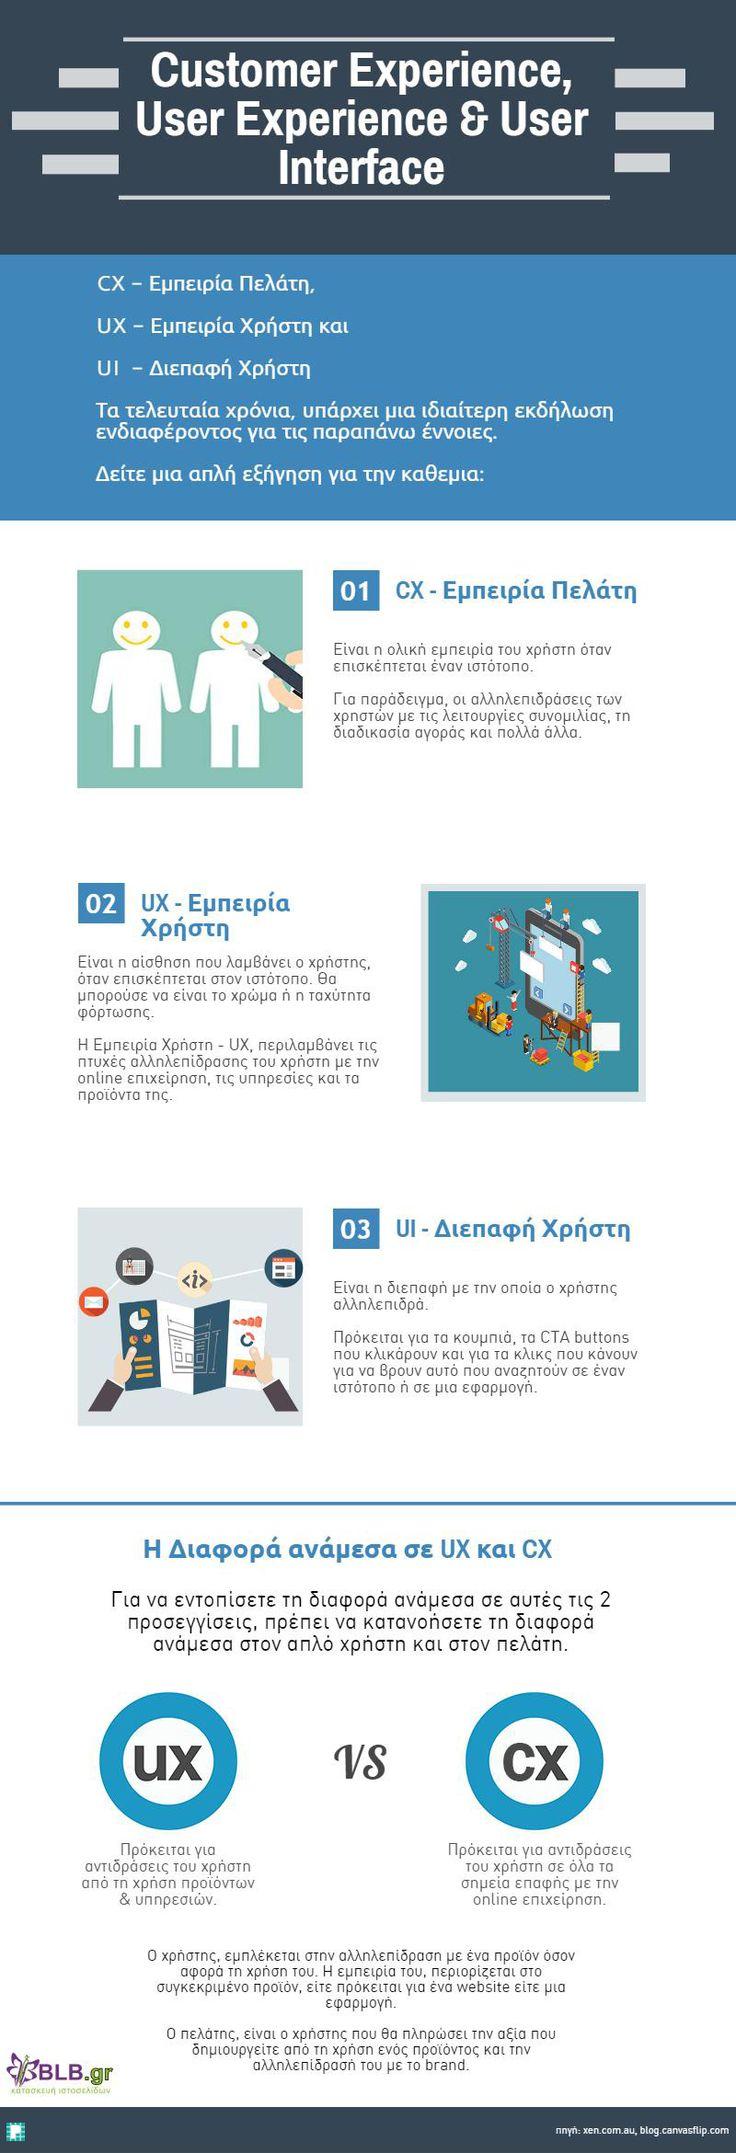 Το #CX στο Website σας:  Αναλύοντας το UX, το CX και UI